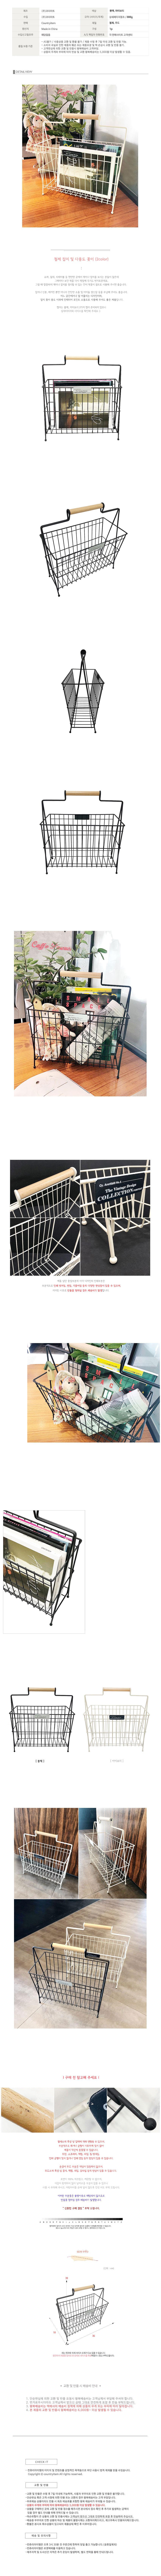 철제 잡지 및 다용도 꽂이 (2color) - 컨츄리아이템, 33,600원, 바구니, 철재 바구니